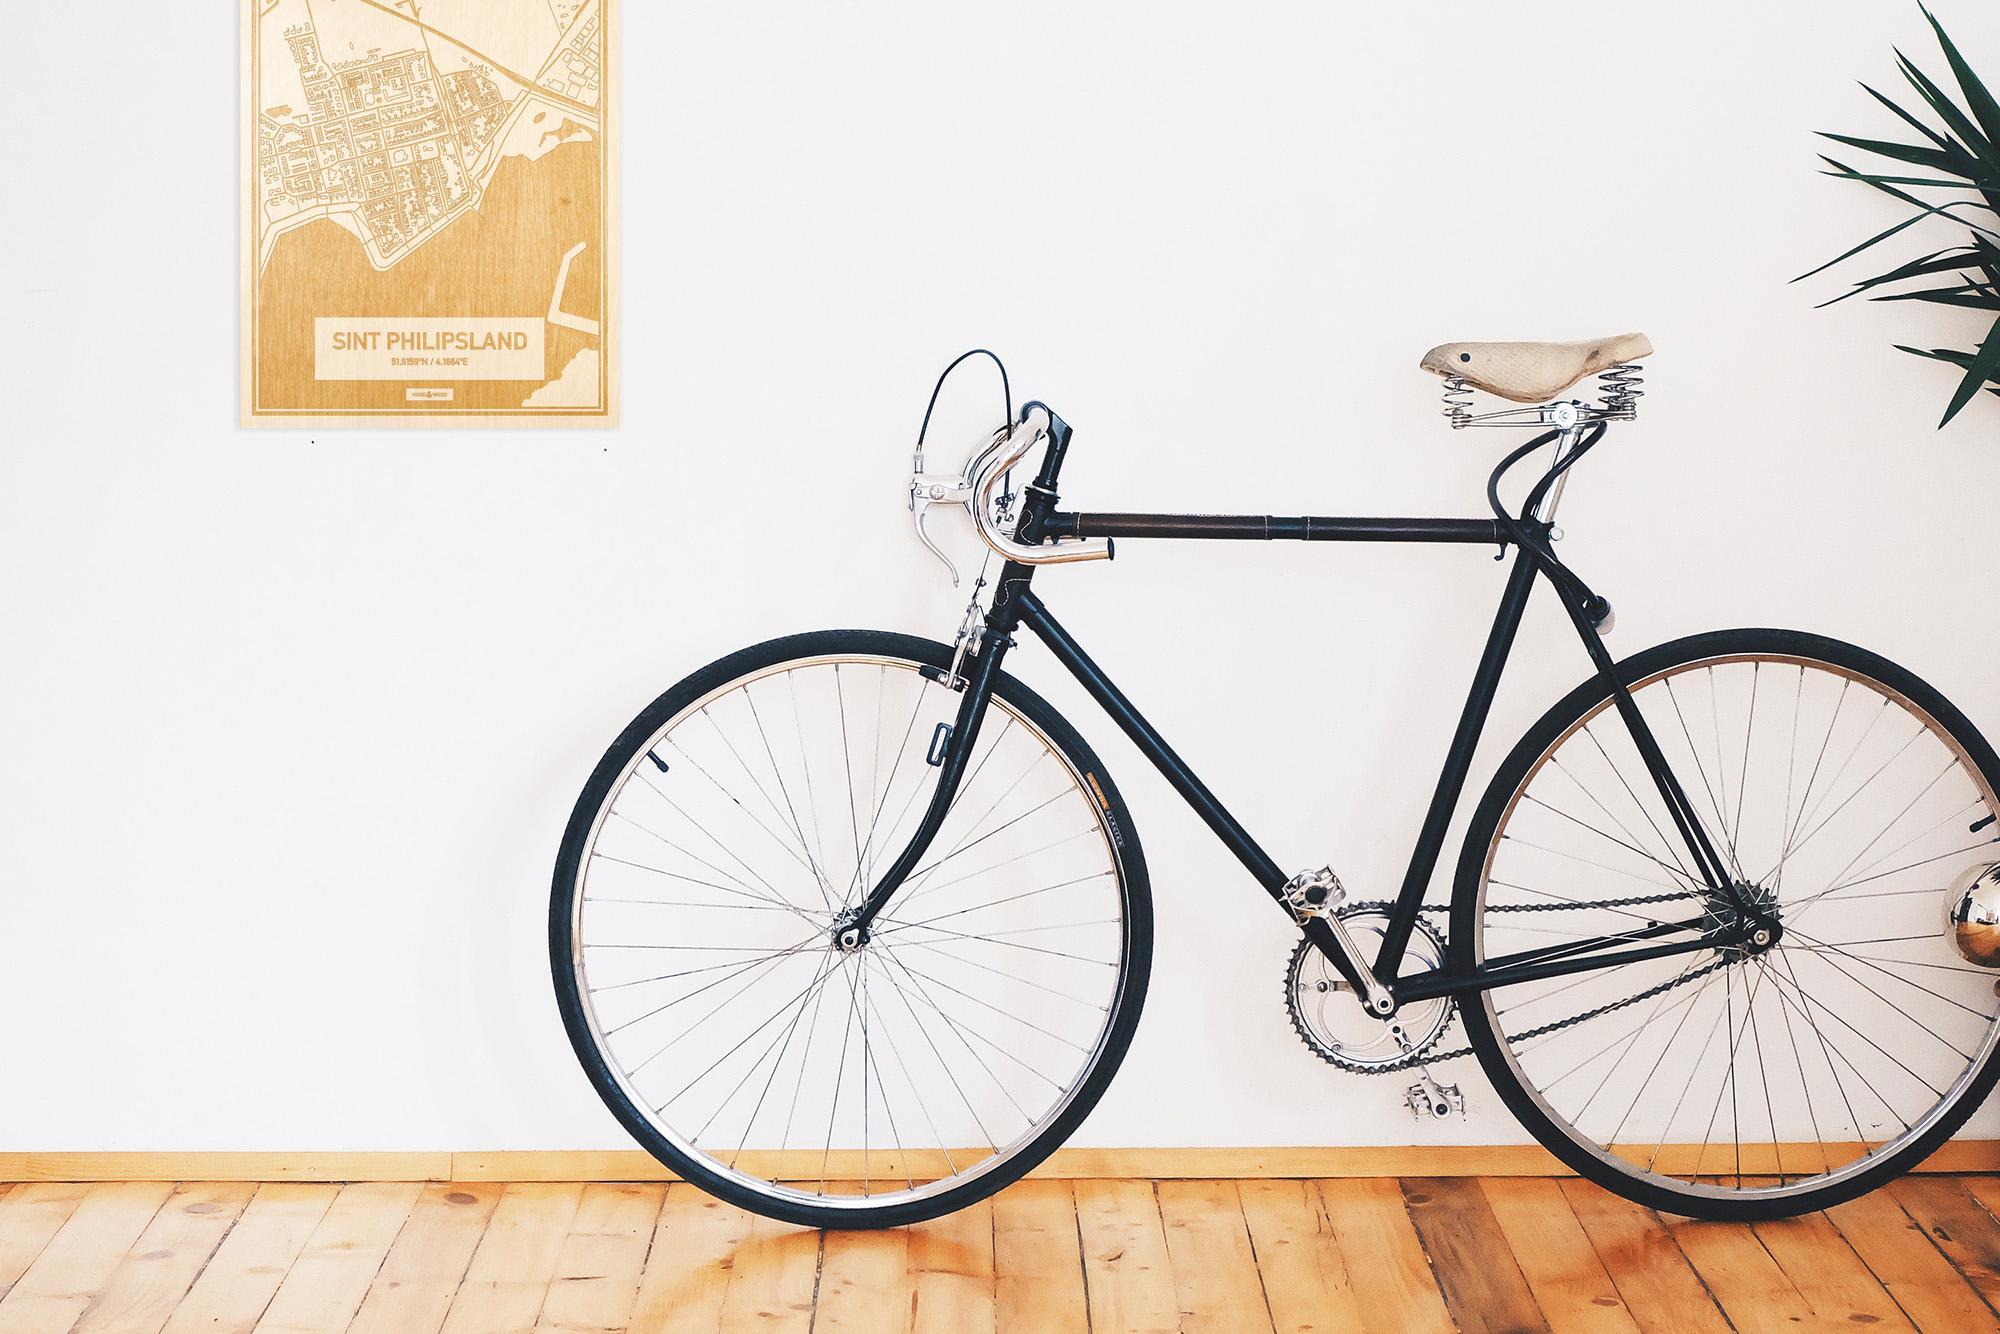 Een snelle fiets in een uniek interieur in Zeeland met mooie decoratie zoals de plattegrond Sint Philipsland.